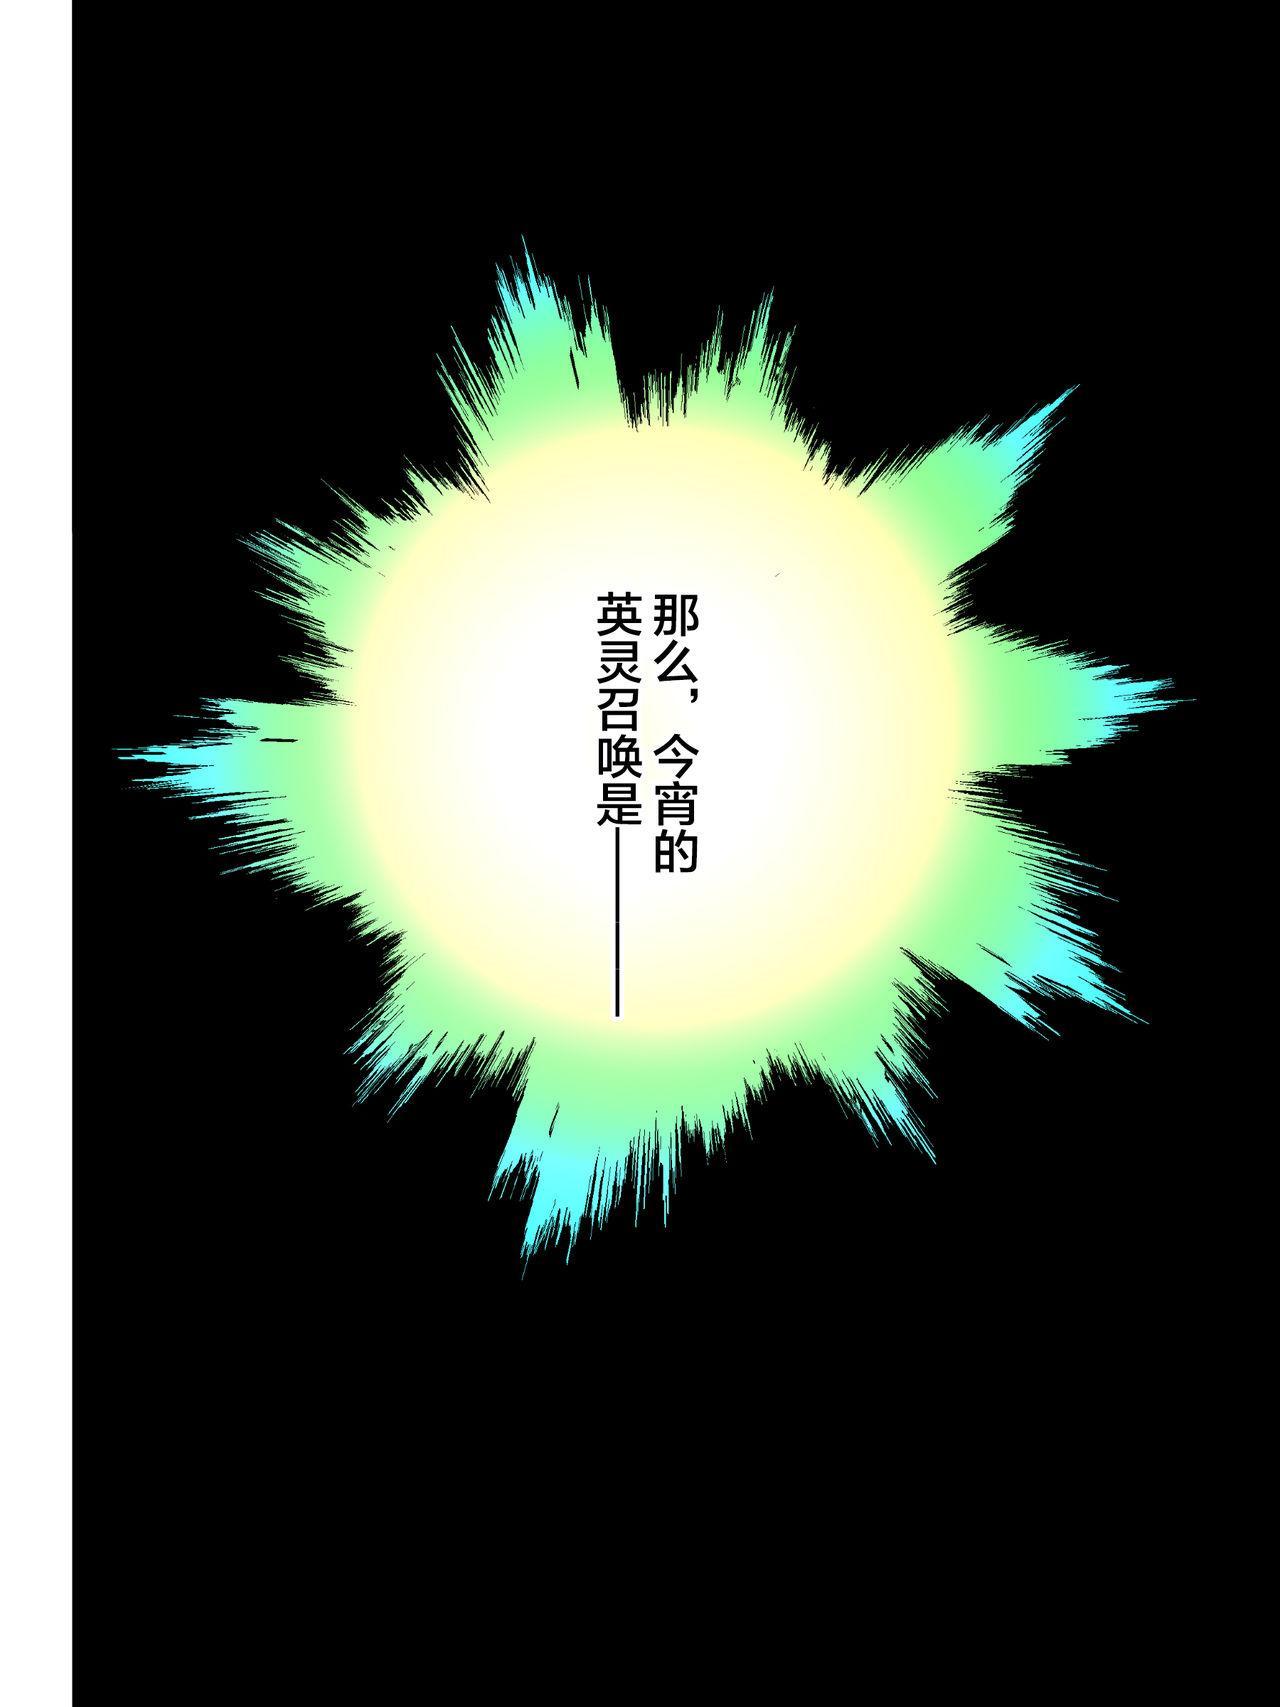 Iyashi no Fukubukuro Servant Gacha 2